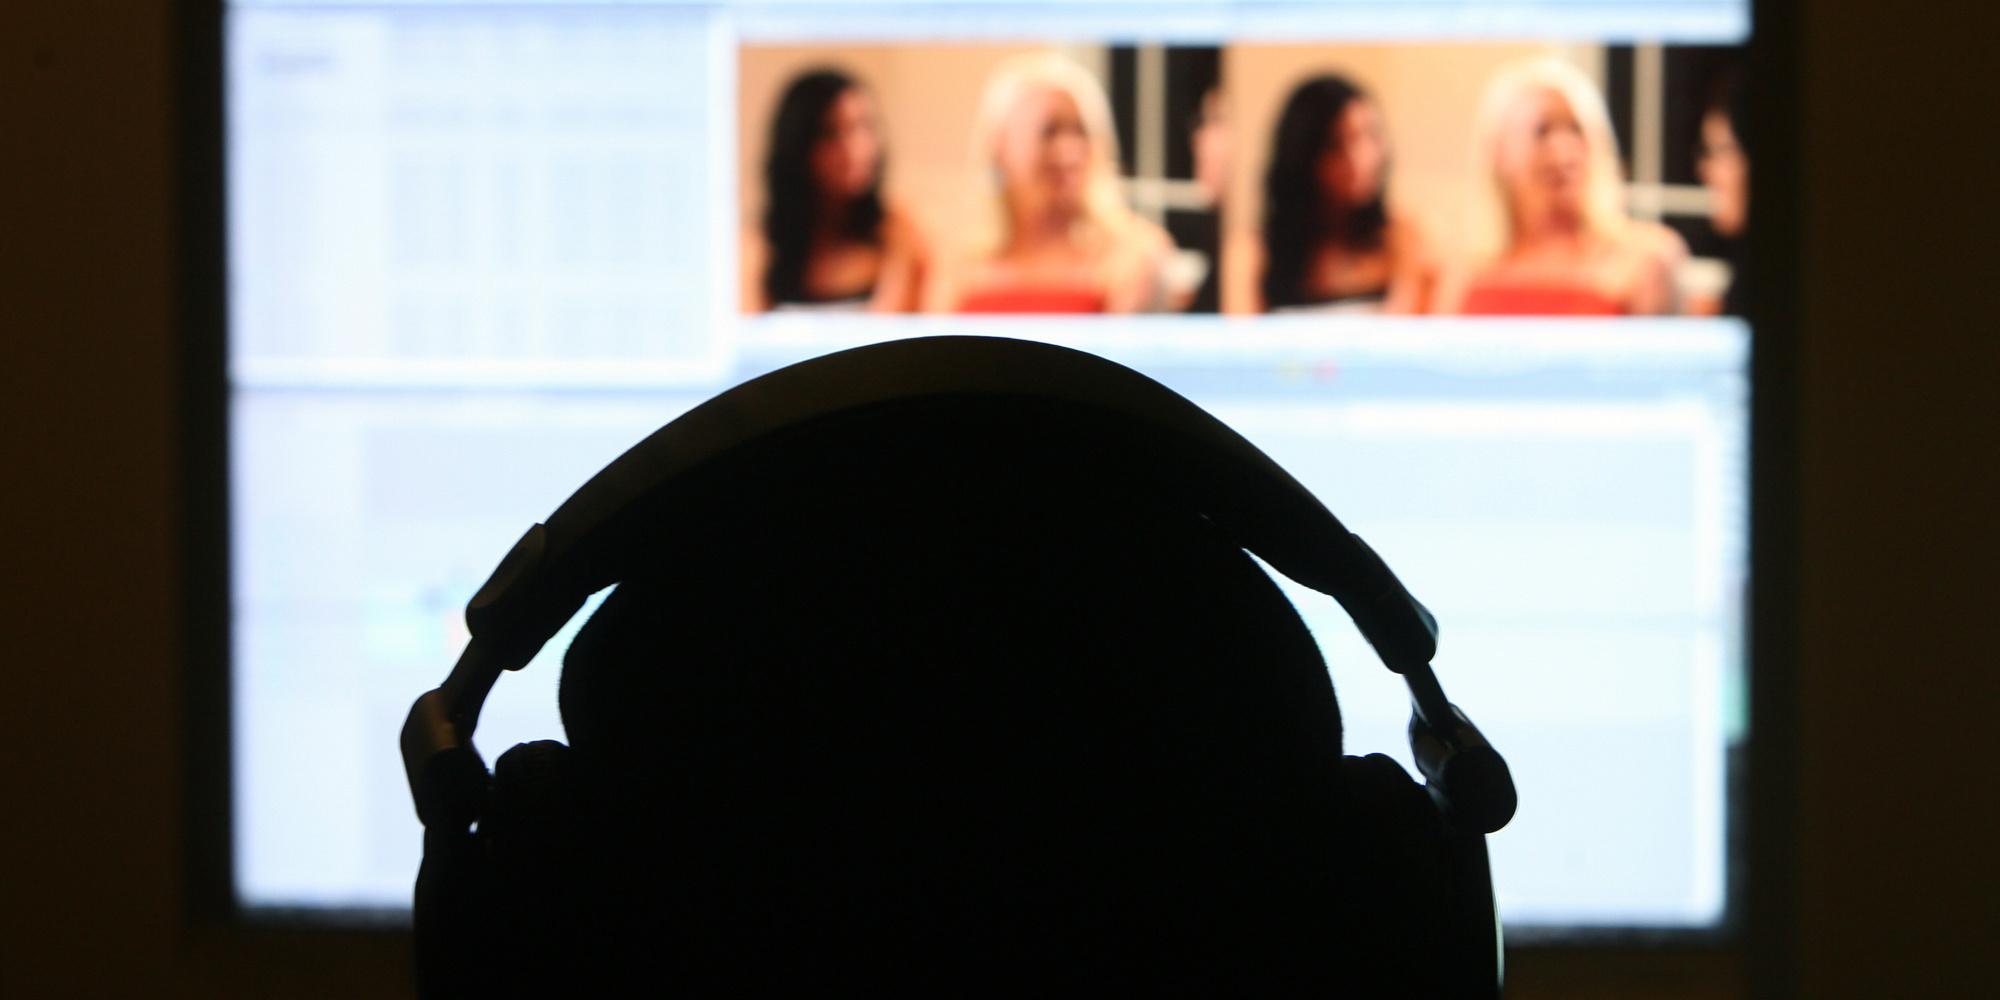 Sexualité : comment éviter les trois pièges de la pornographie ?